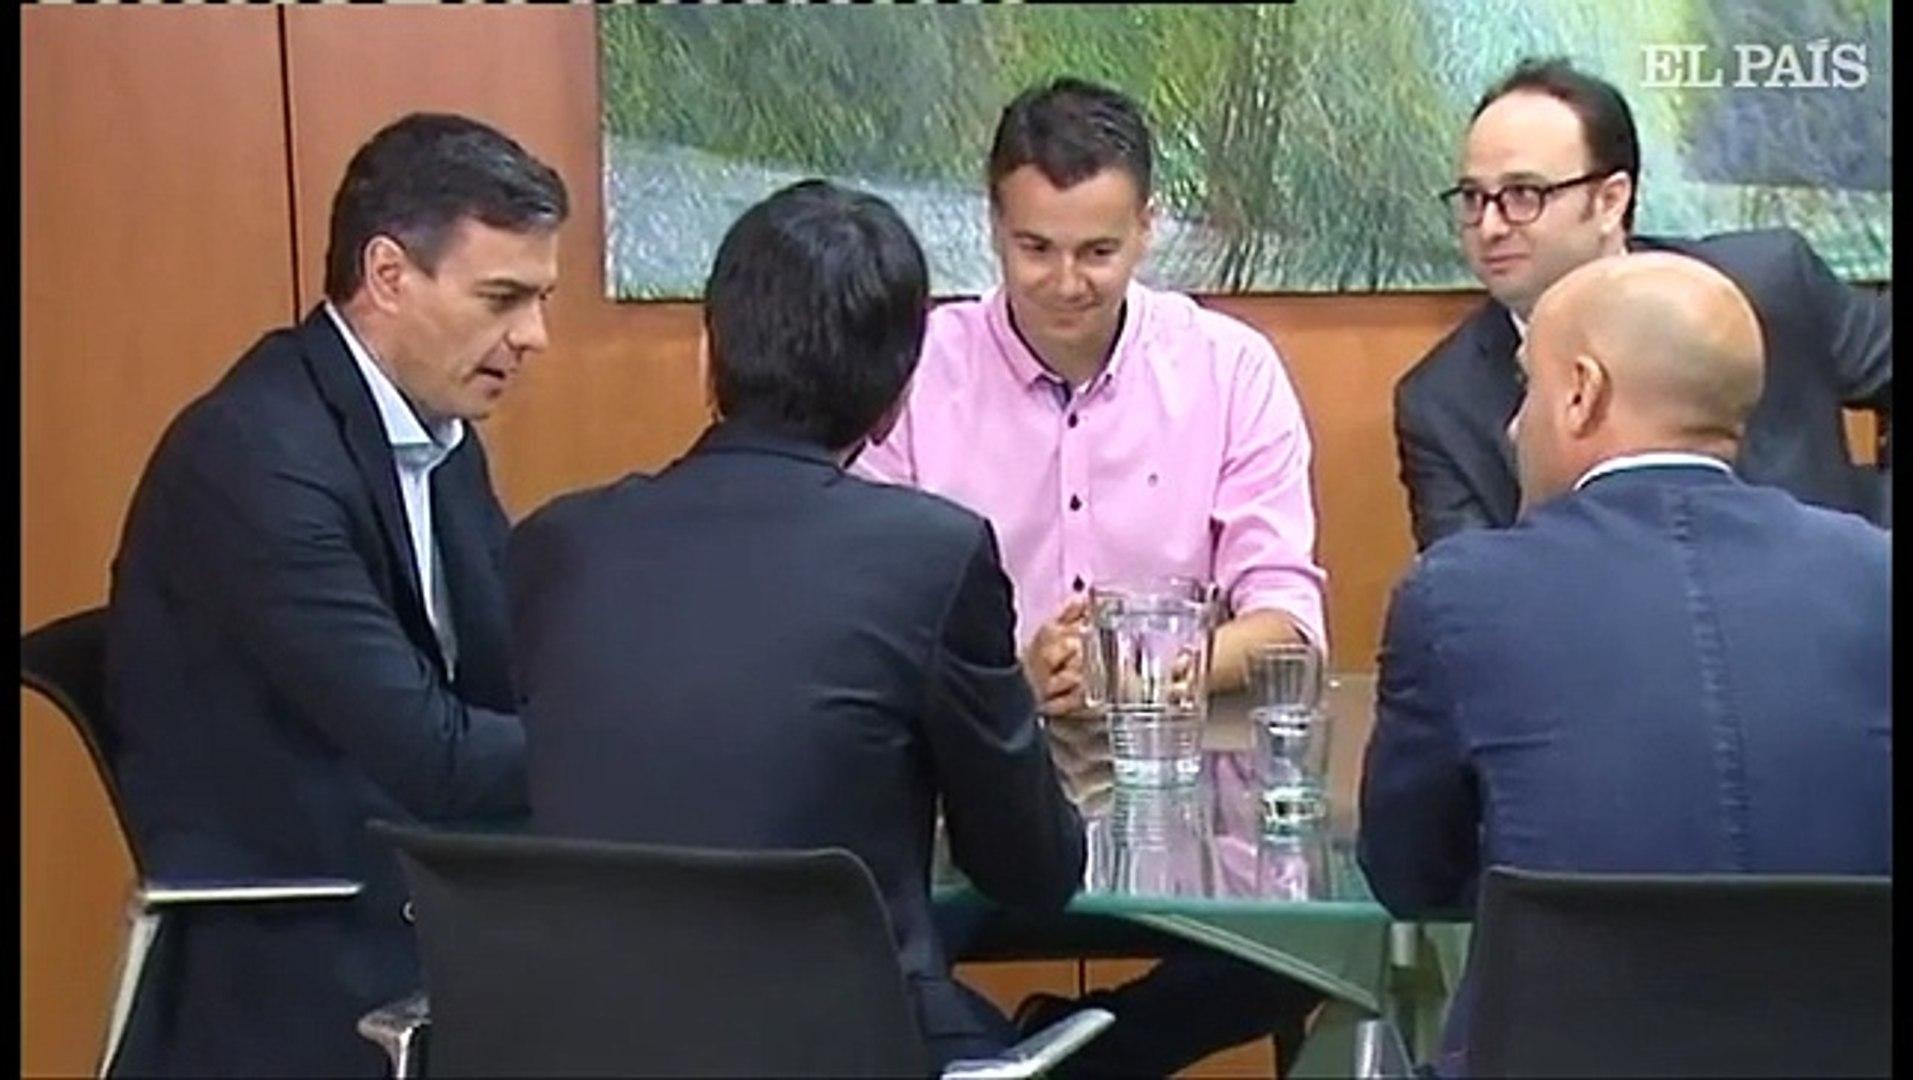 El PSOE decidirá si investiga las cintas de Corinna tras escuchar al CNI